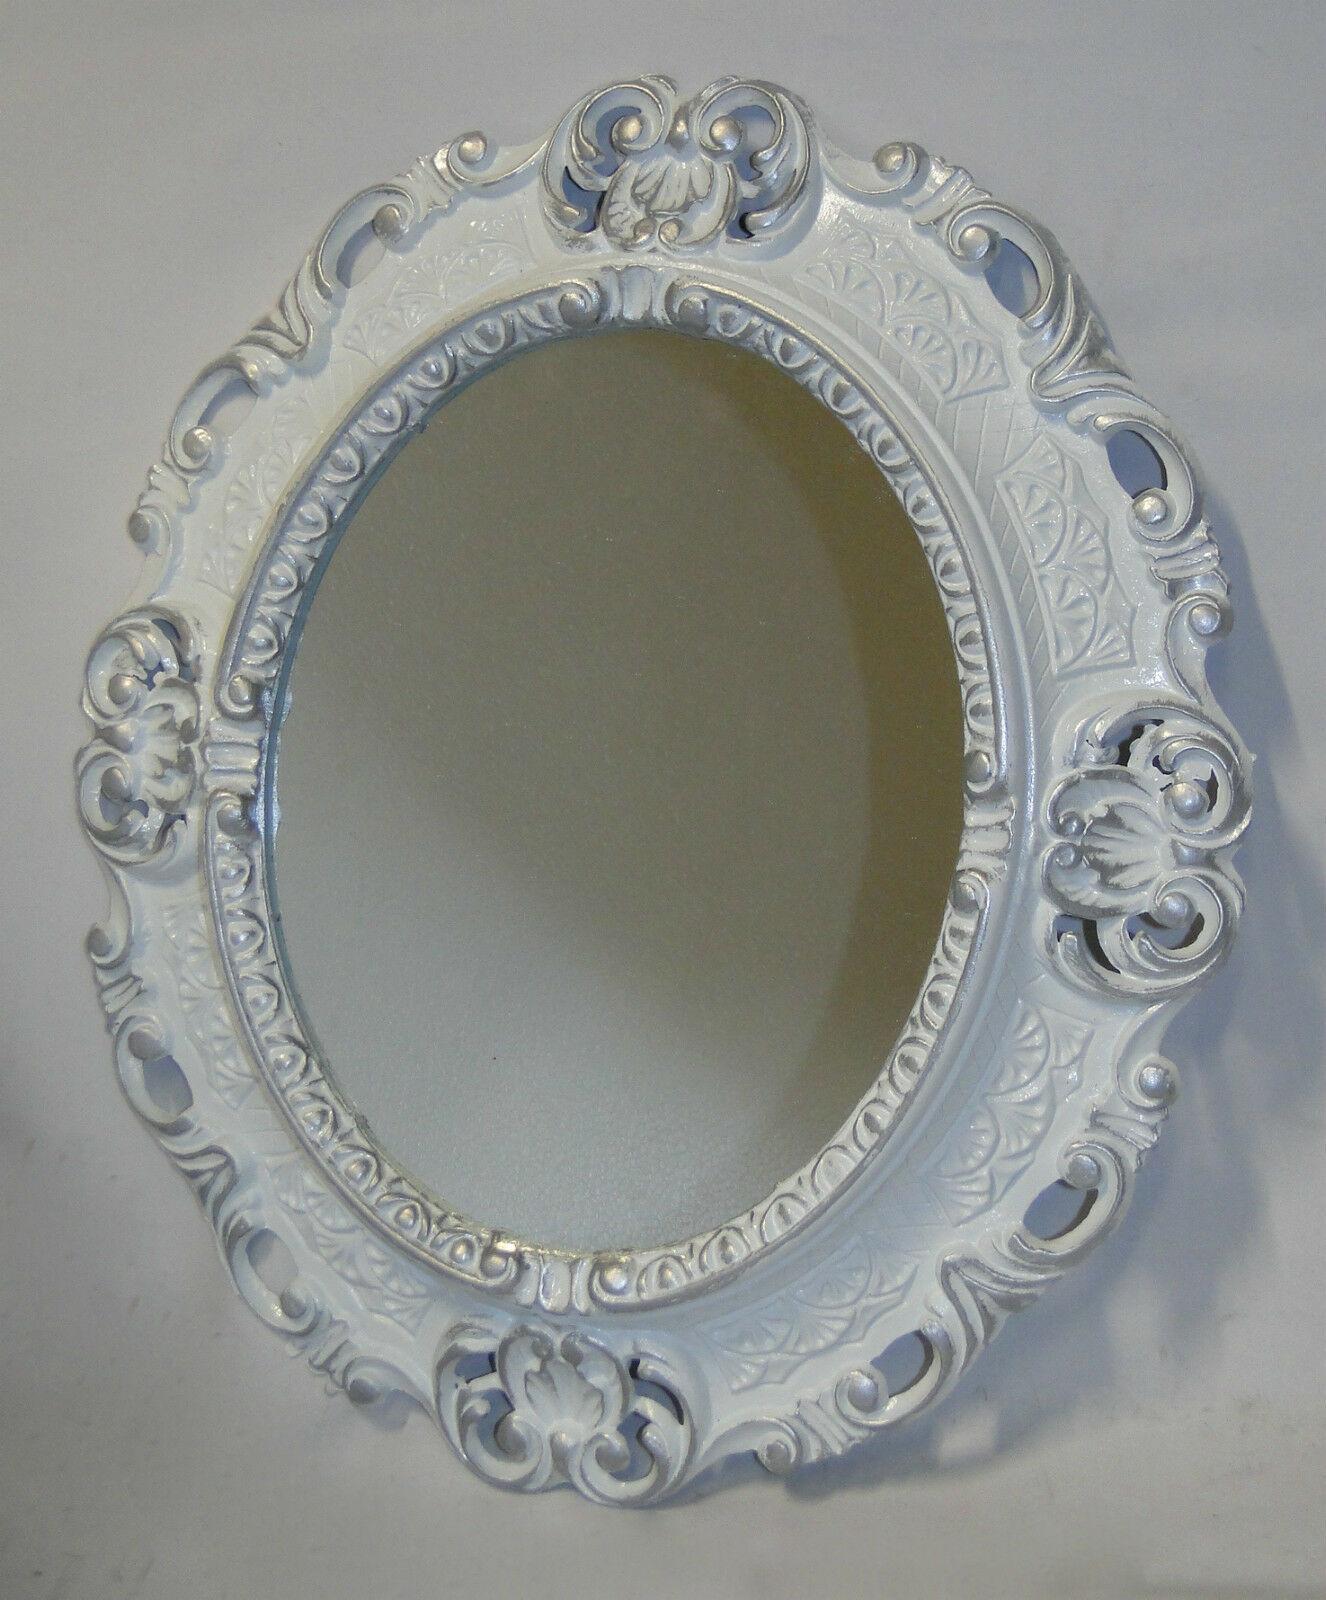 Wandspiegel Spiegel BAROCK Antik WEIß  45x38 Oval Badspiegel Bilderrahmen 103045 Wykonane od 1945, kopie